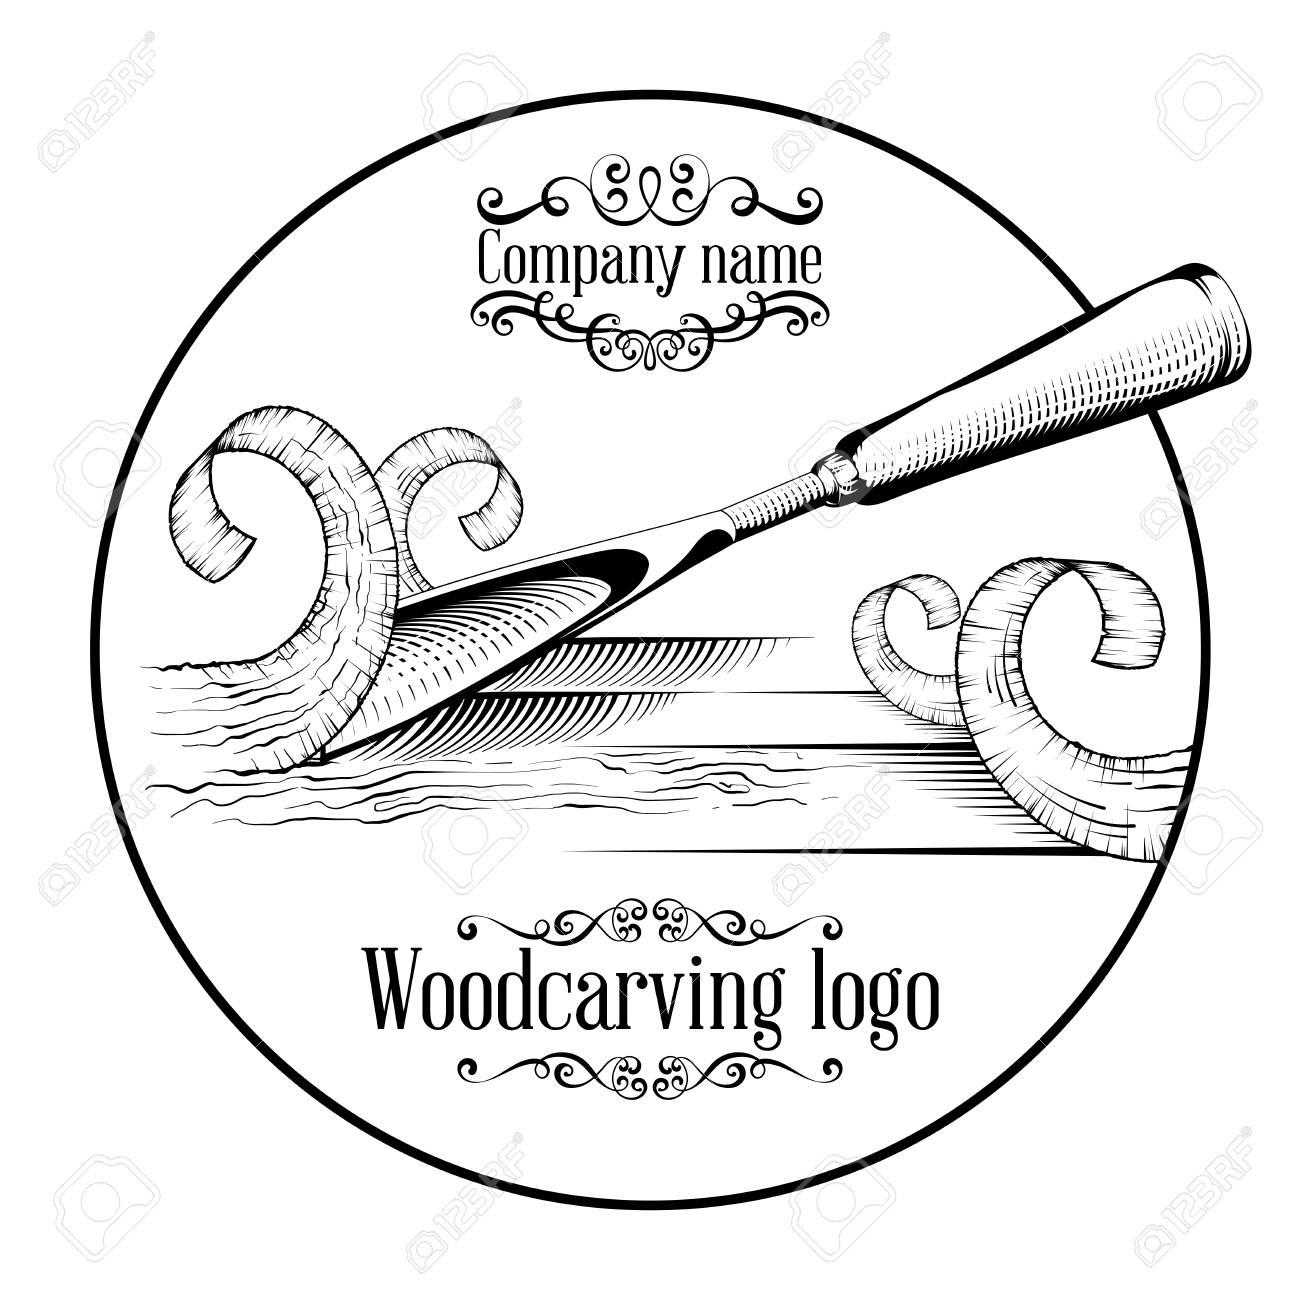 Chisel Shavings Drawing Line Art